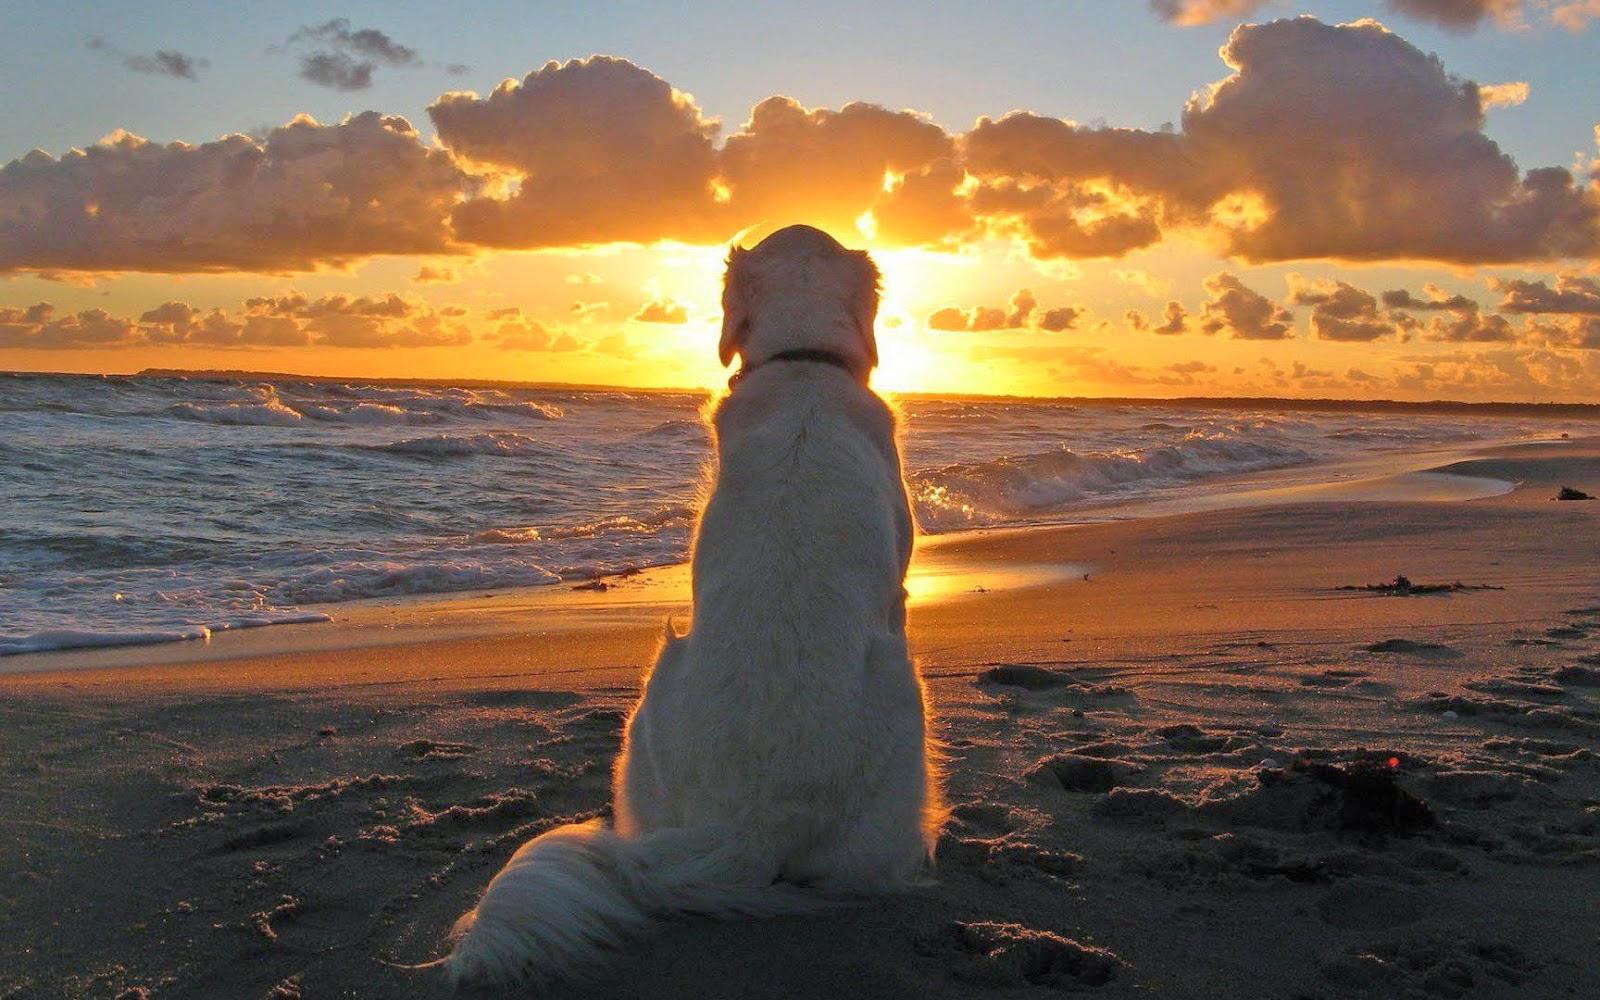 Hond bij ondergaande zon aan zee